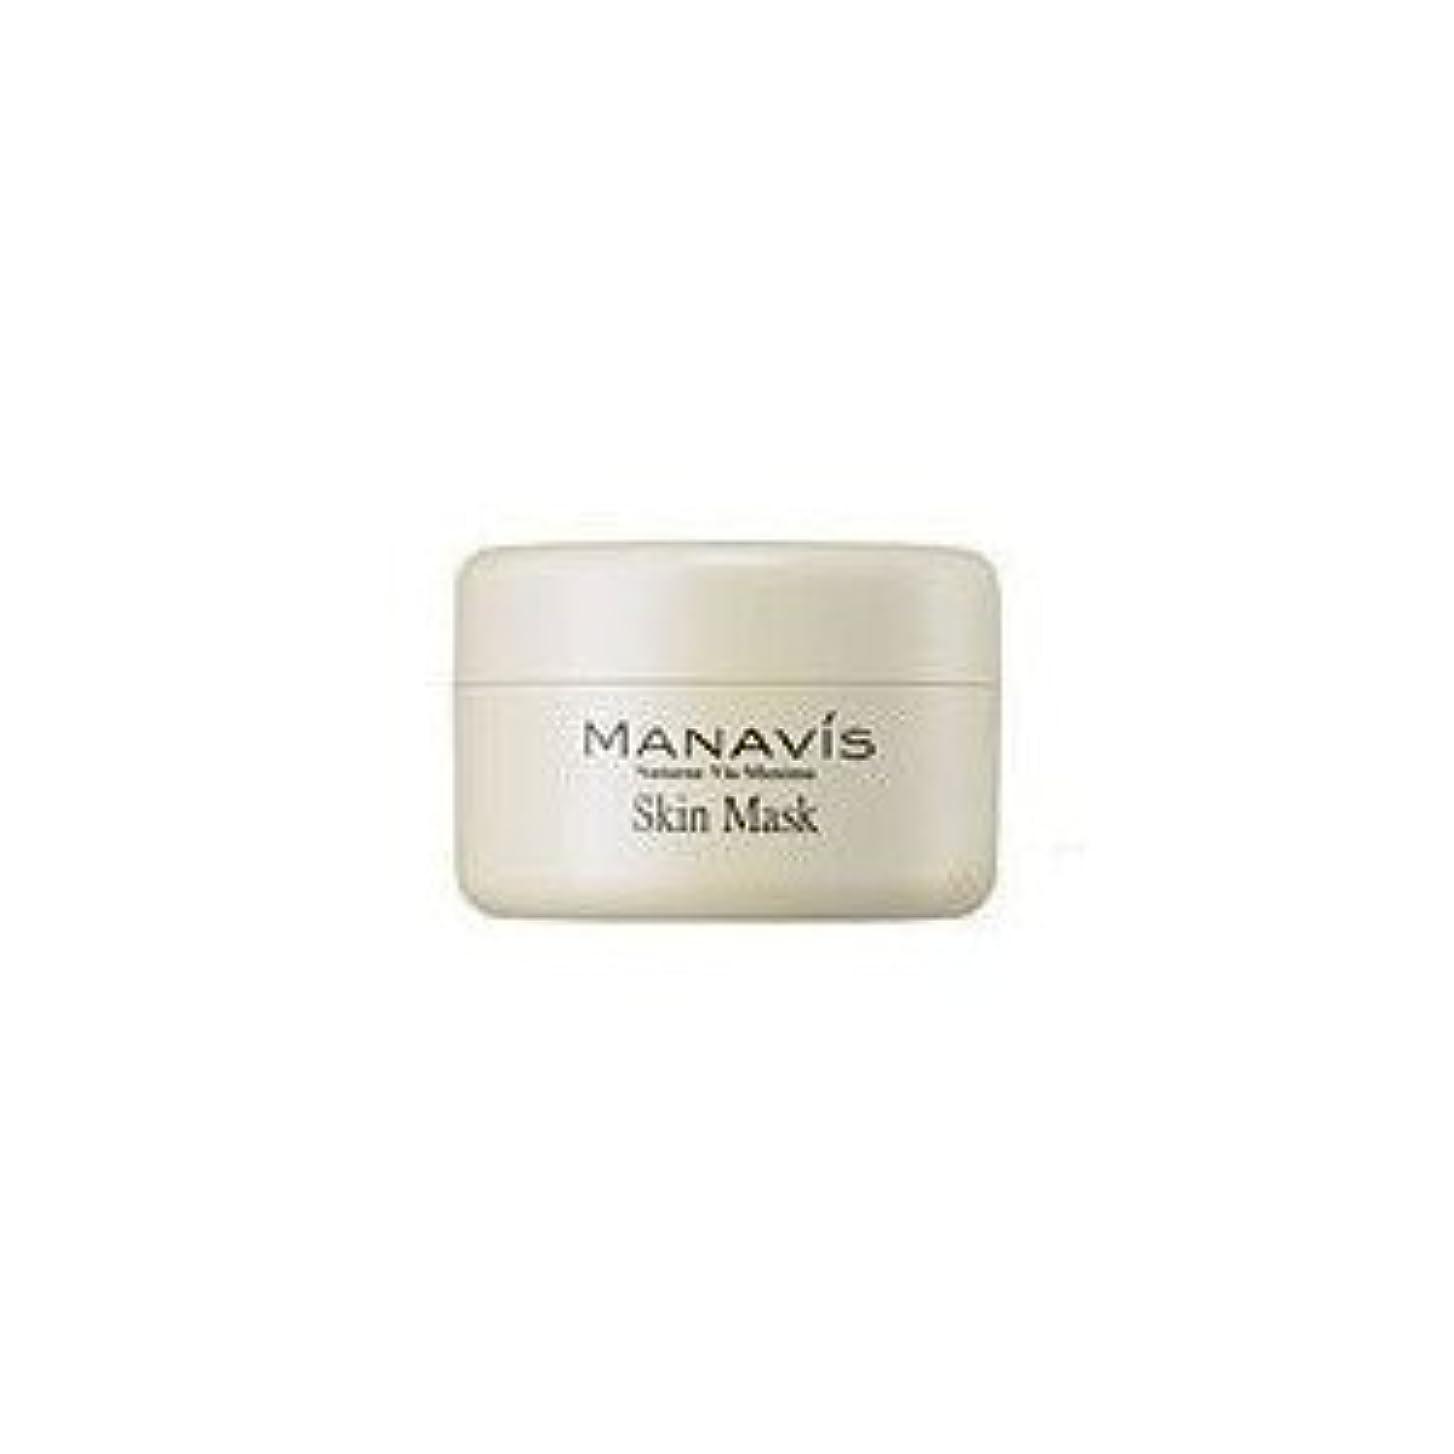 社説学習航空便MANAVIS マナビス化粧品 薬用スキンマスク